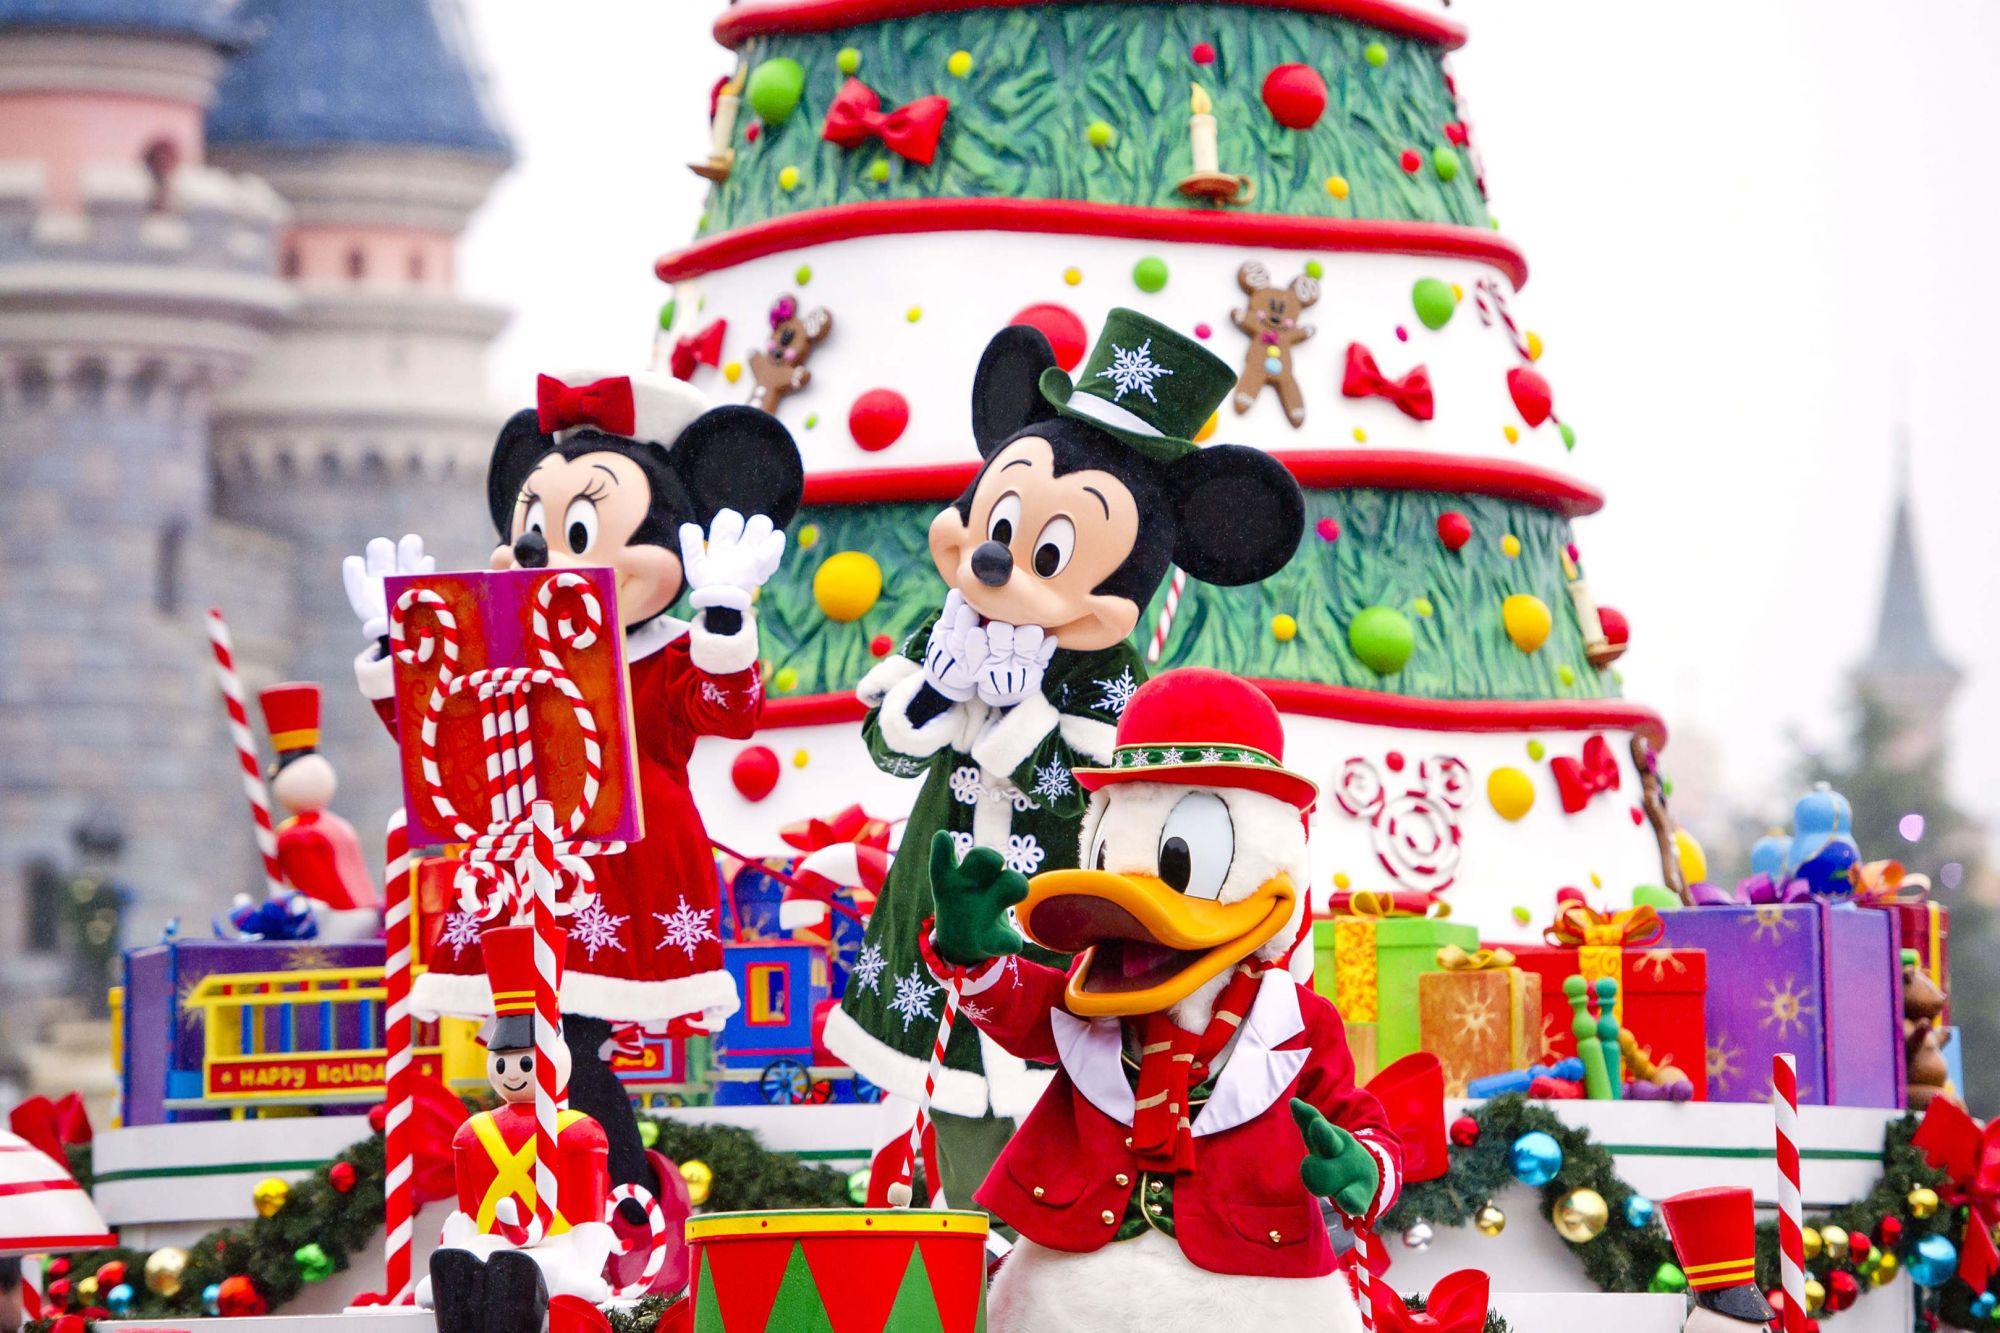 Addobbi Natalizi Disney.Disneyland Paris Inaugurato Il Magico Natale Disney Con I